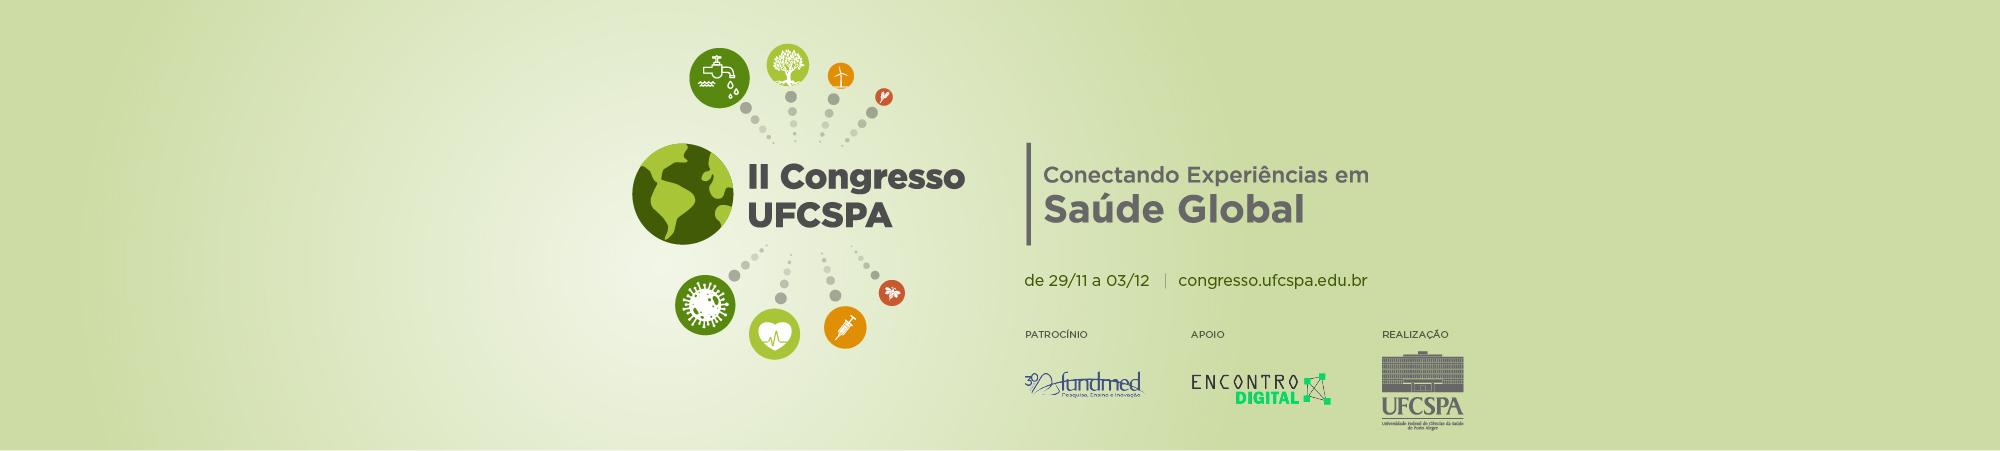 Congresso UFCSPA 2021